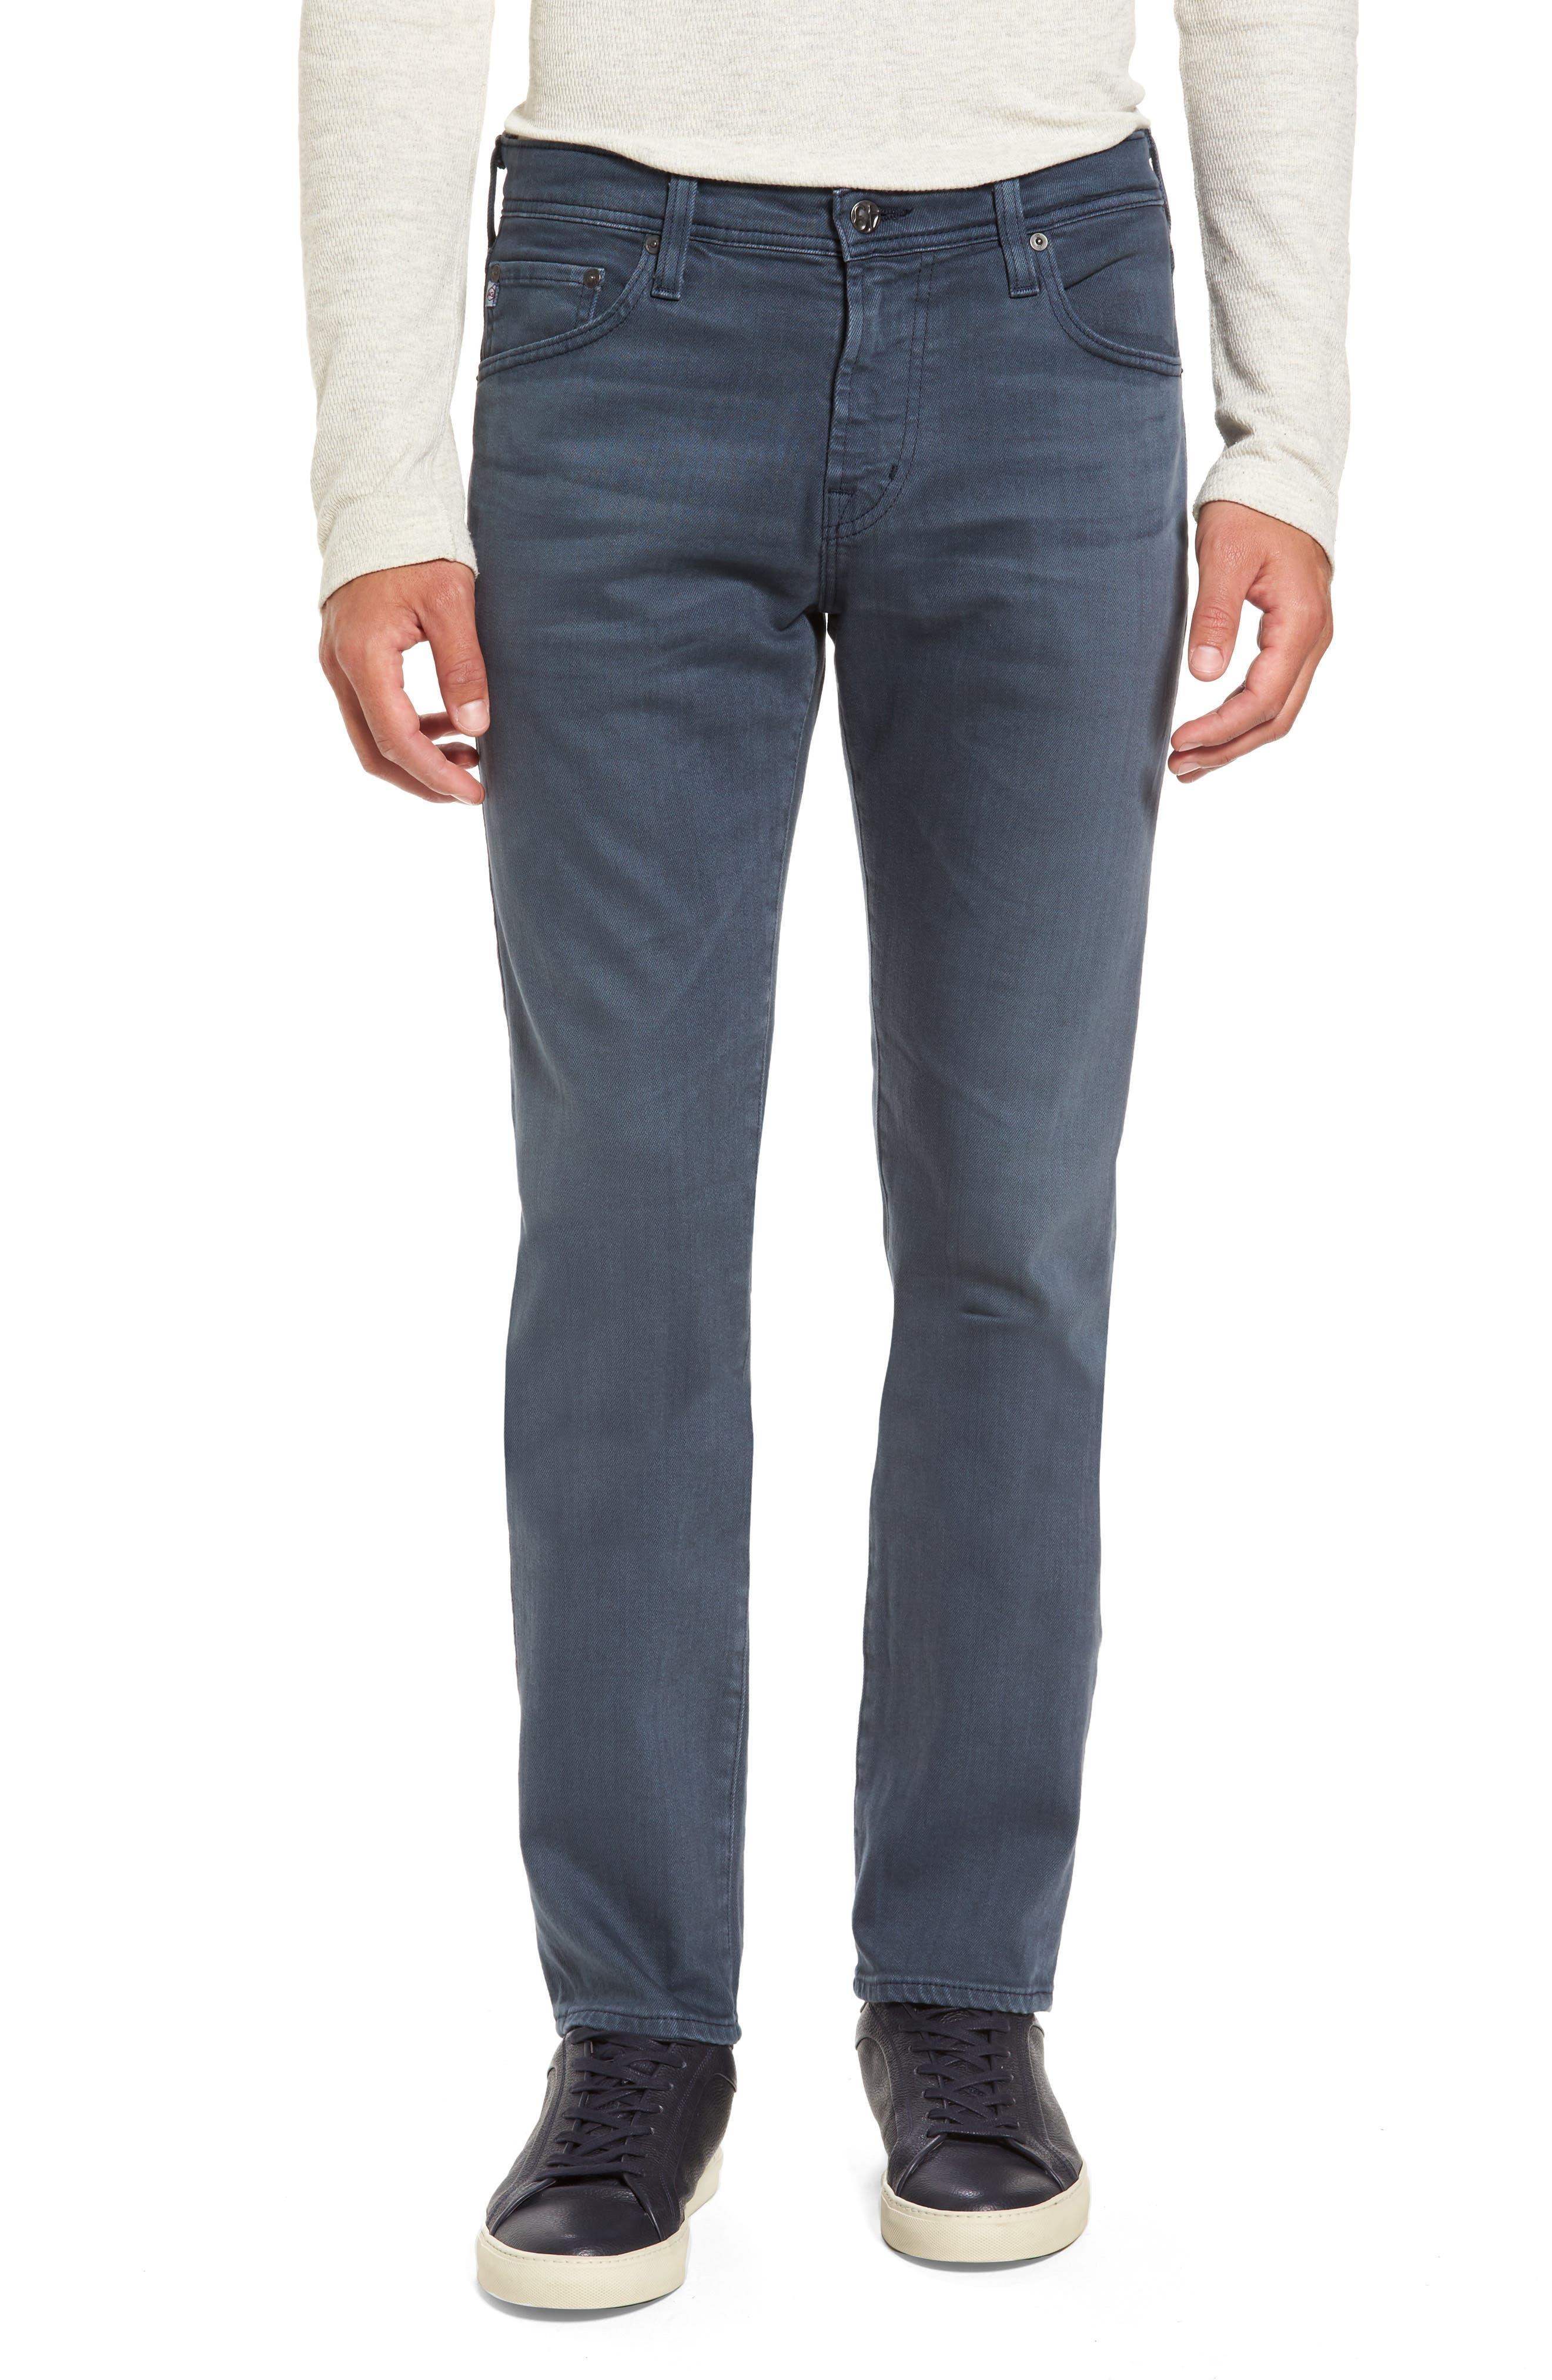 Tellis Slim Fit Jeans,                             Main thumbnail 1, color,                             425